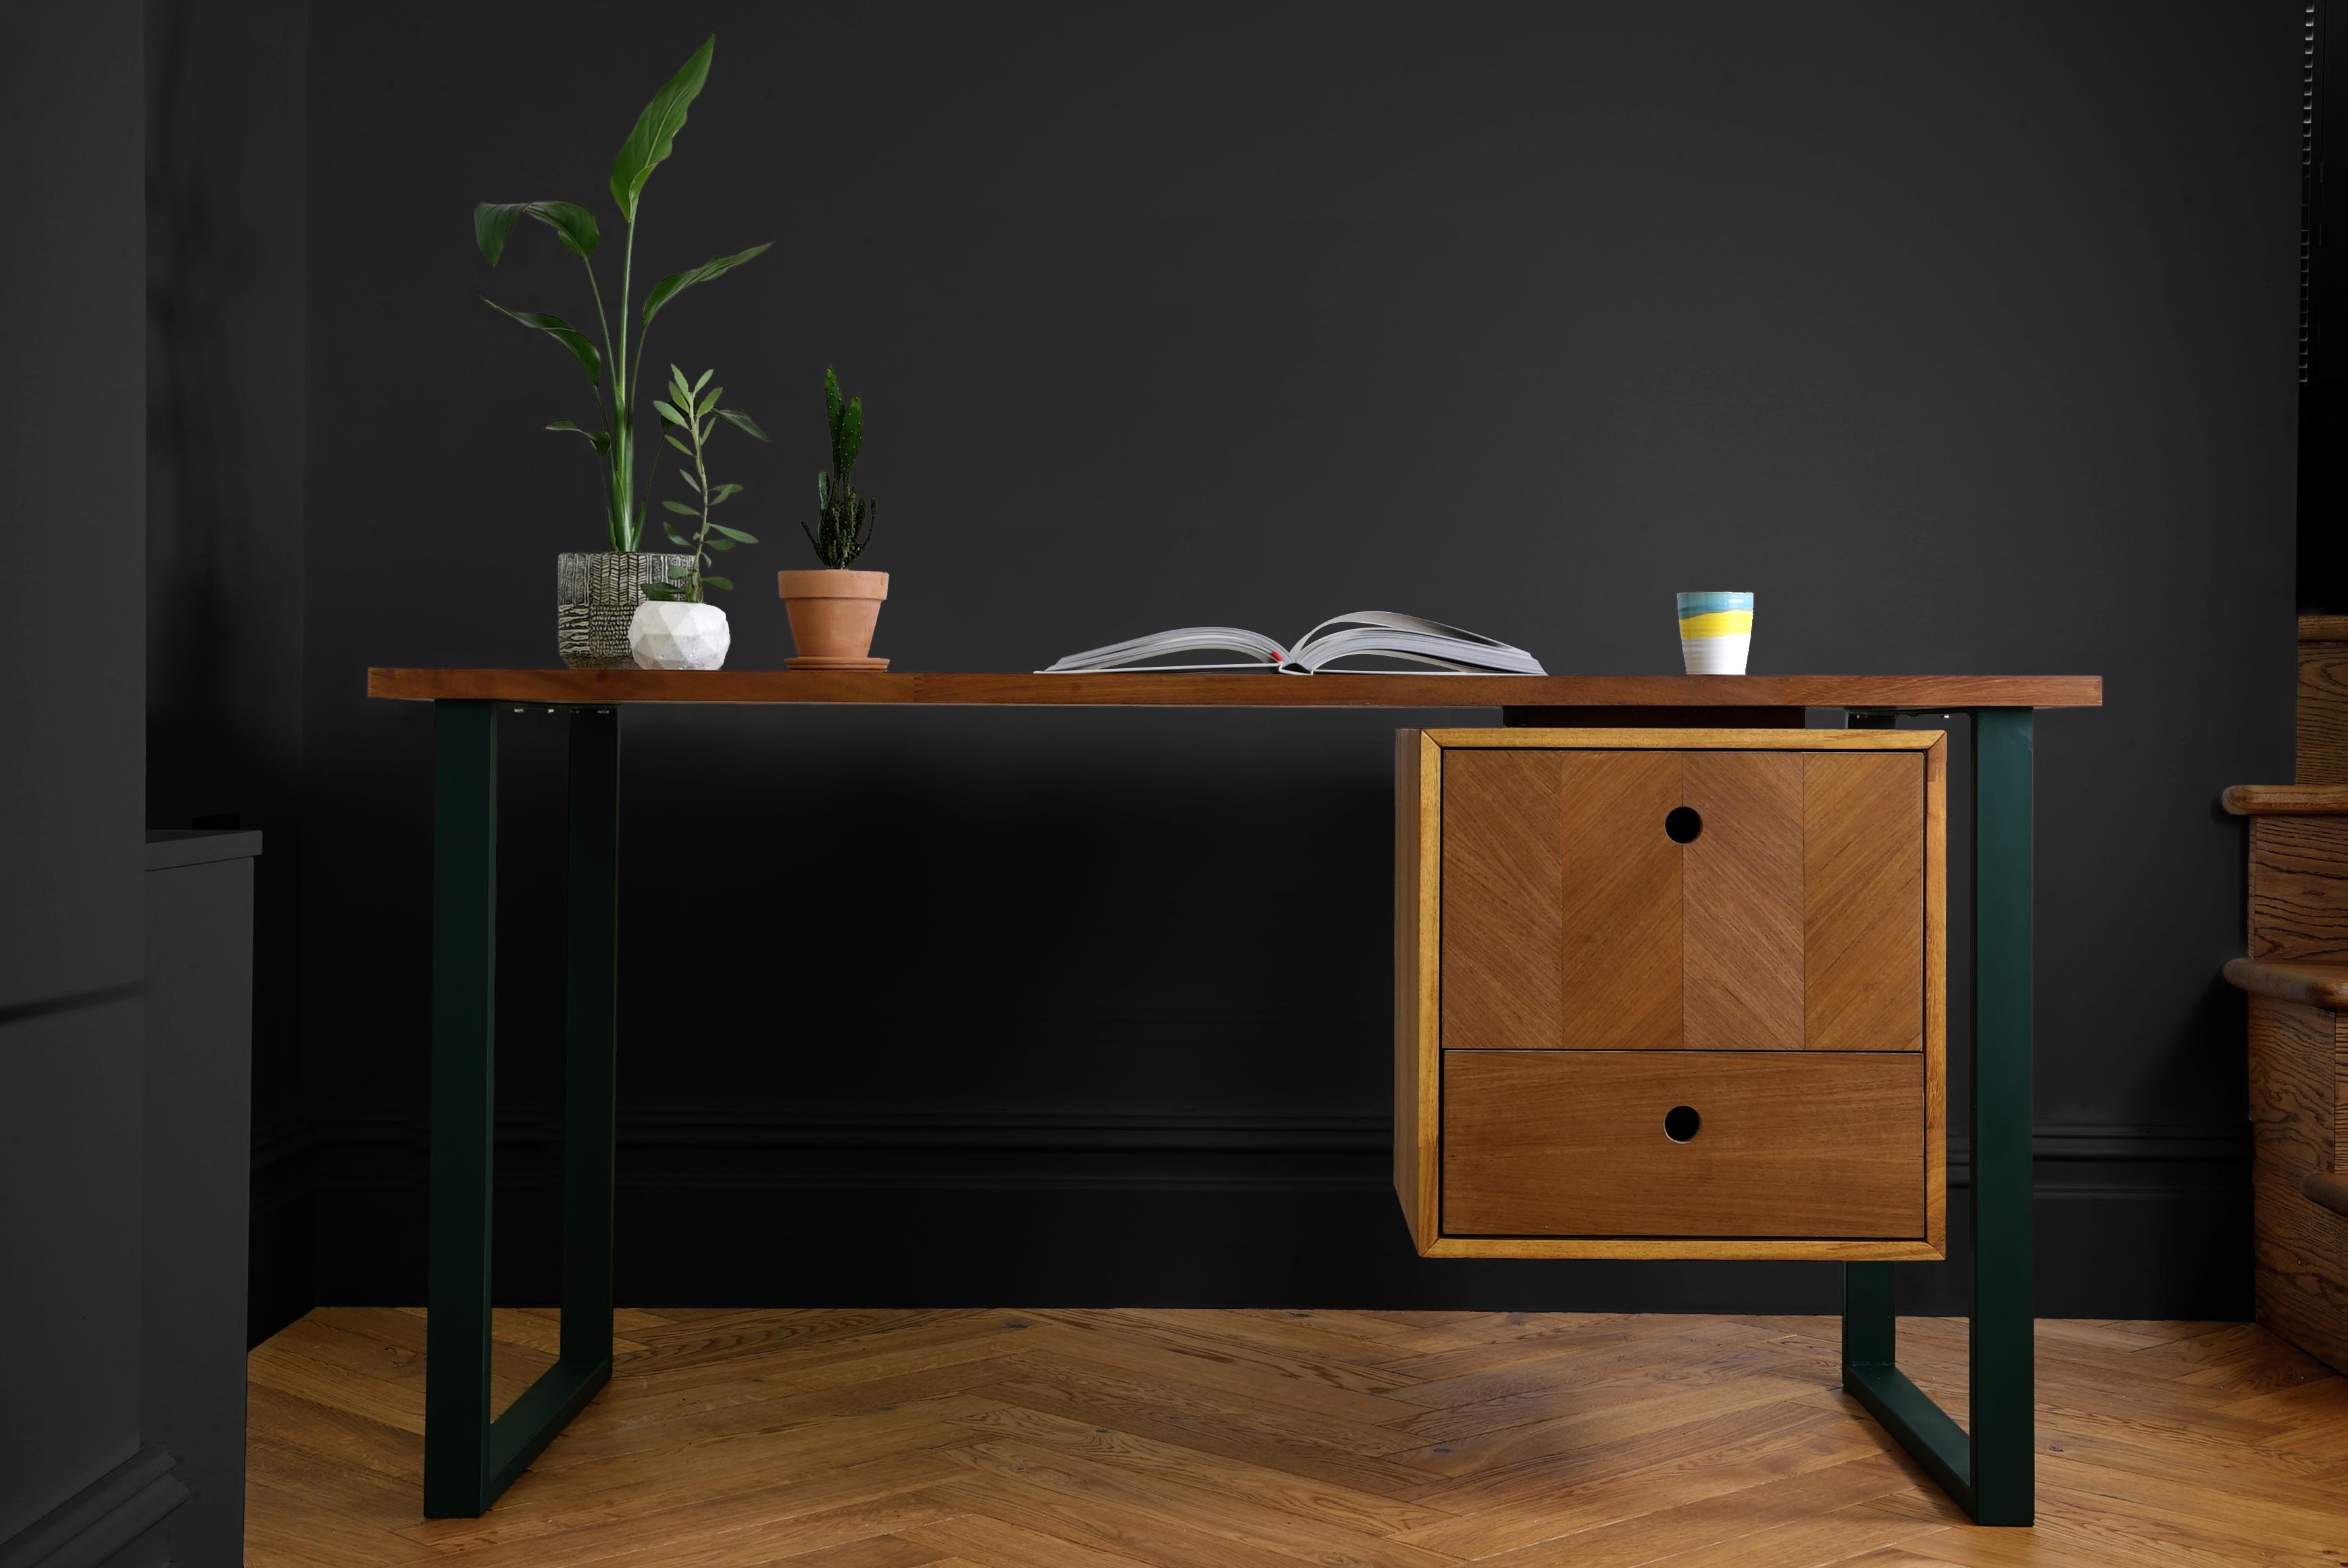 Mythology Artemis Desk In 2020 Desk With Drawers Scandinavian Style Desk Industrial Desk